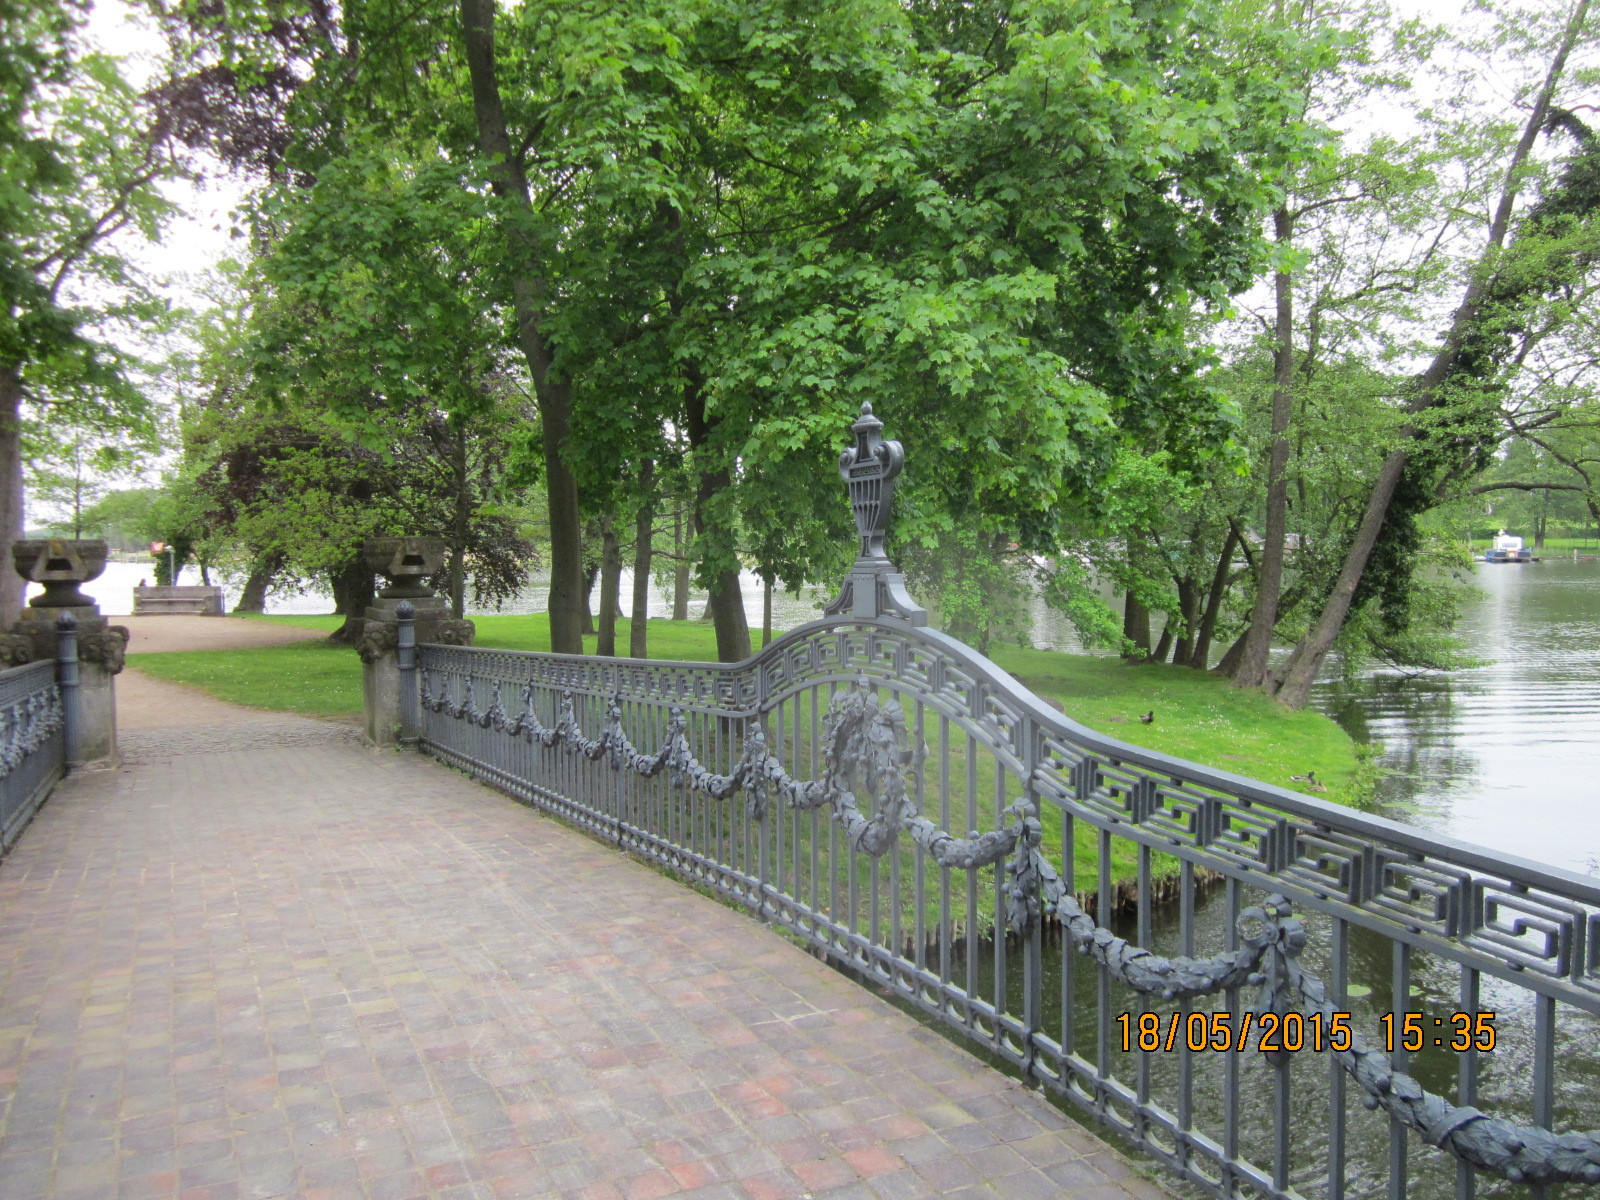 Die Brücke zur Liebesinsel